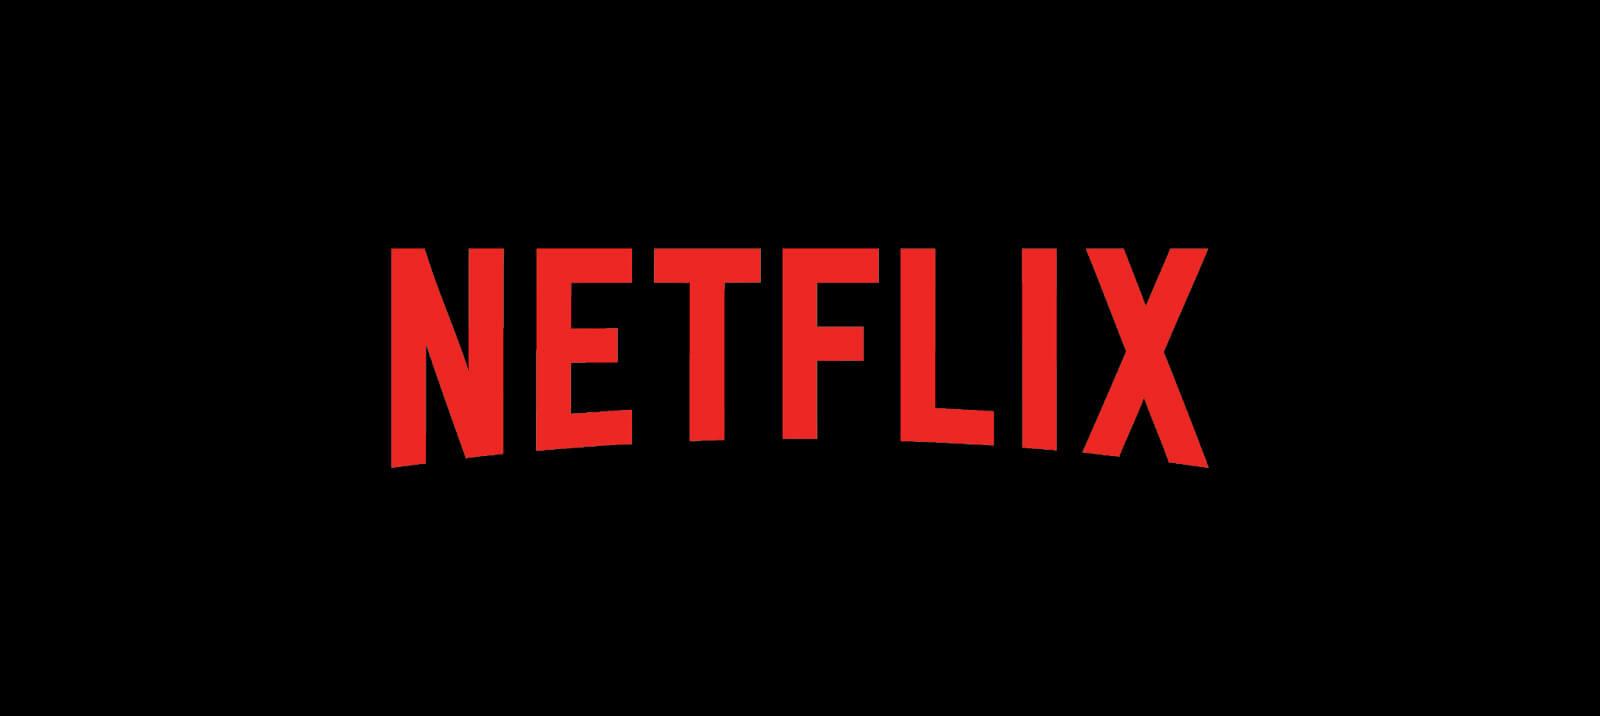 exemplos de copywriting para vendas da Netflix